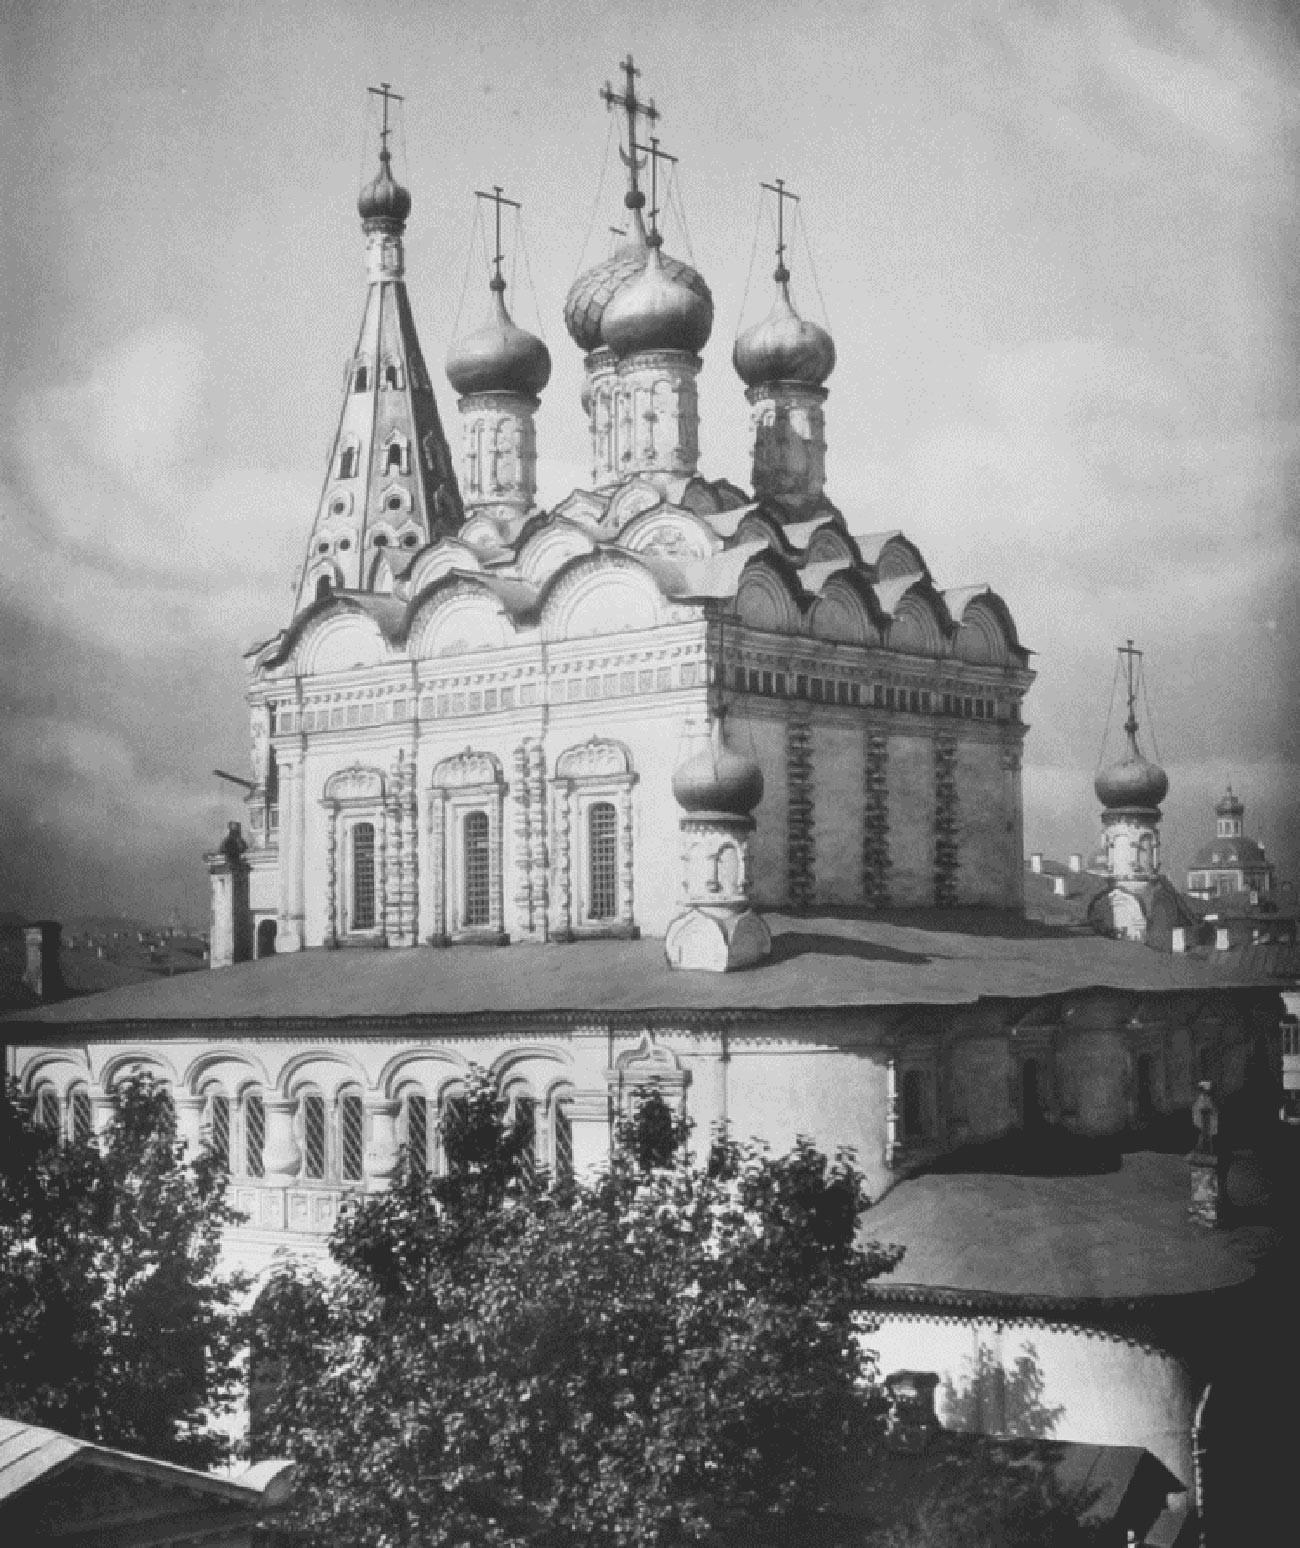 Église Saint-Nicolas-le-Thaumaturge sur colonnes en 1883